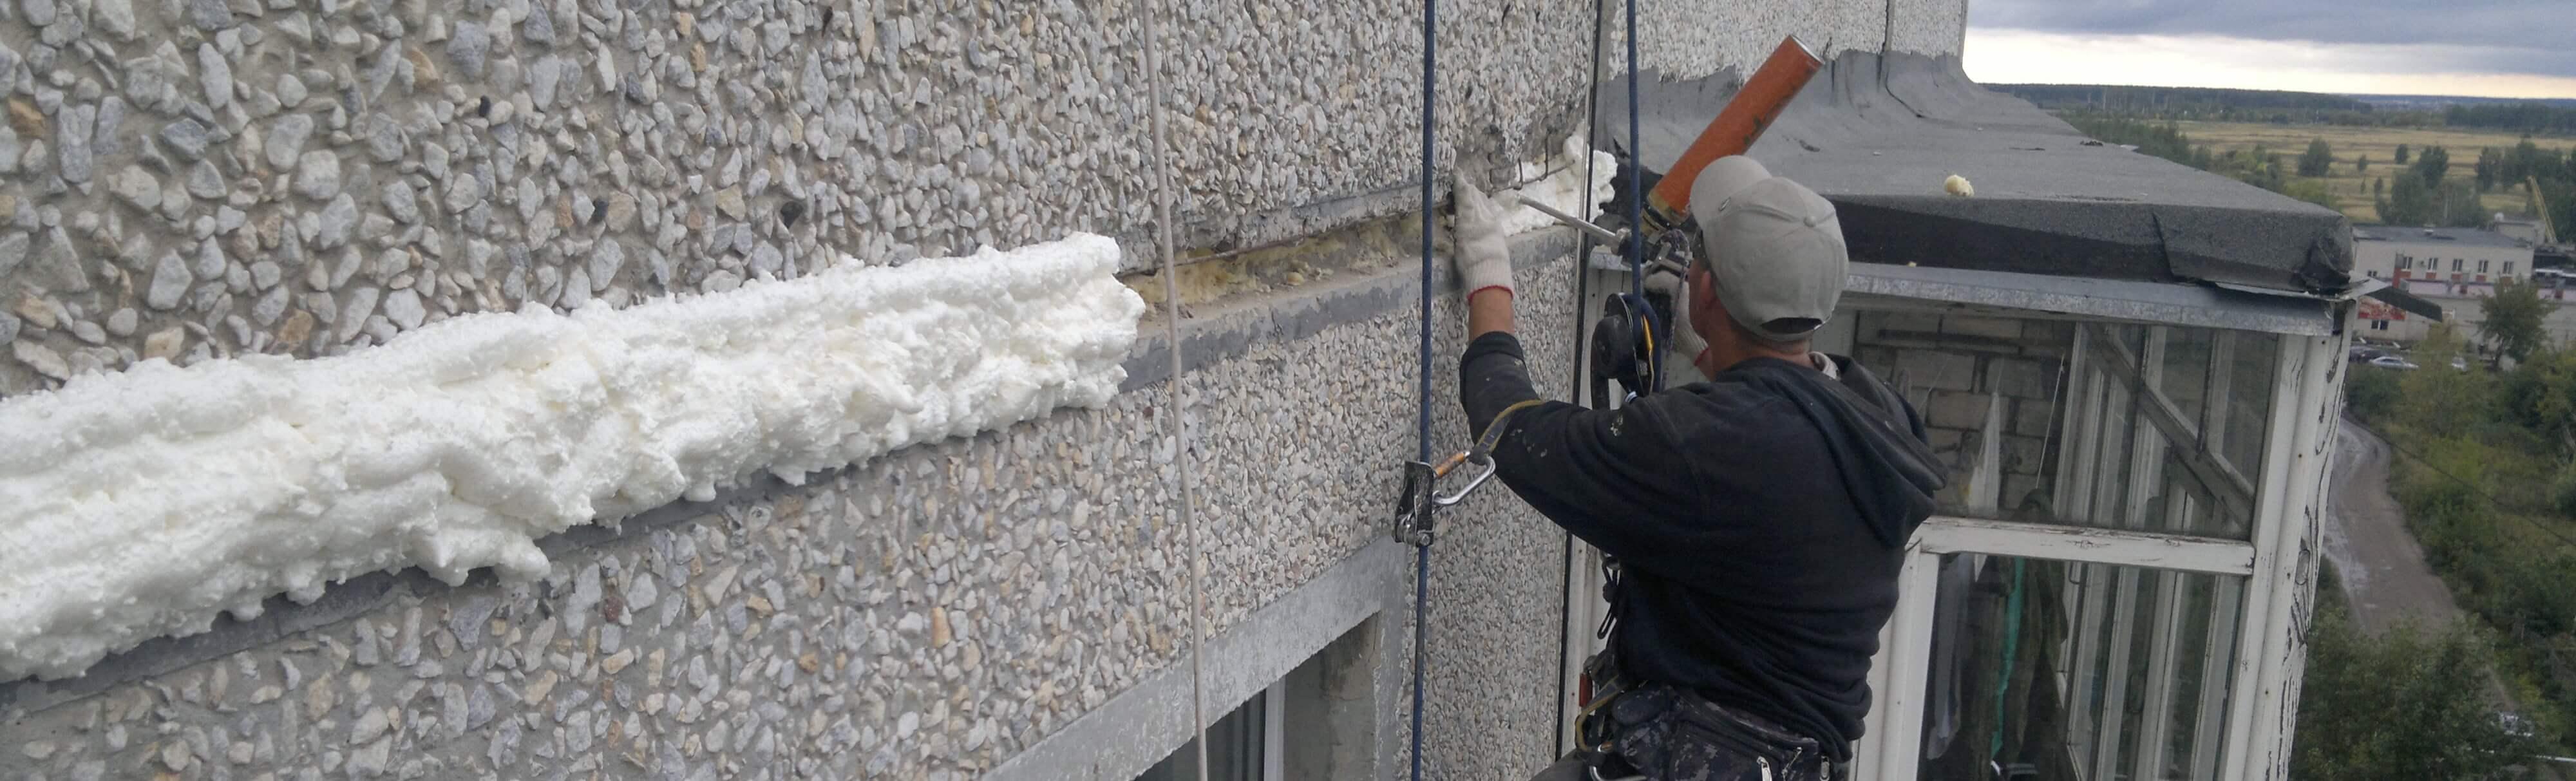 Чем заделывать межпанельные швы внутри квартиры?- форум mastergrad